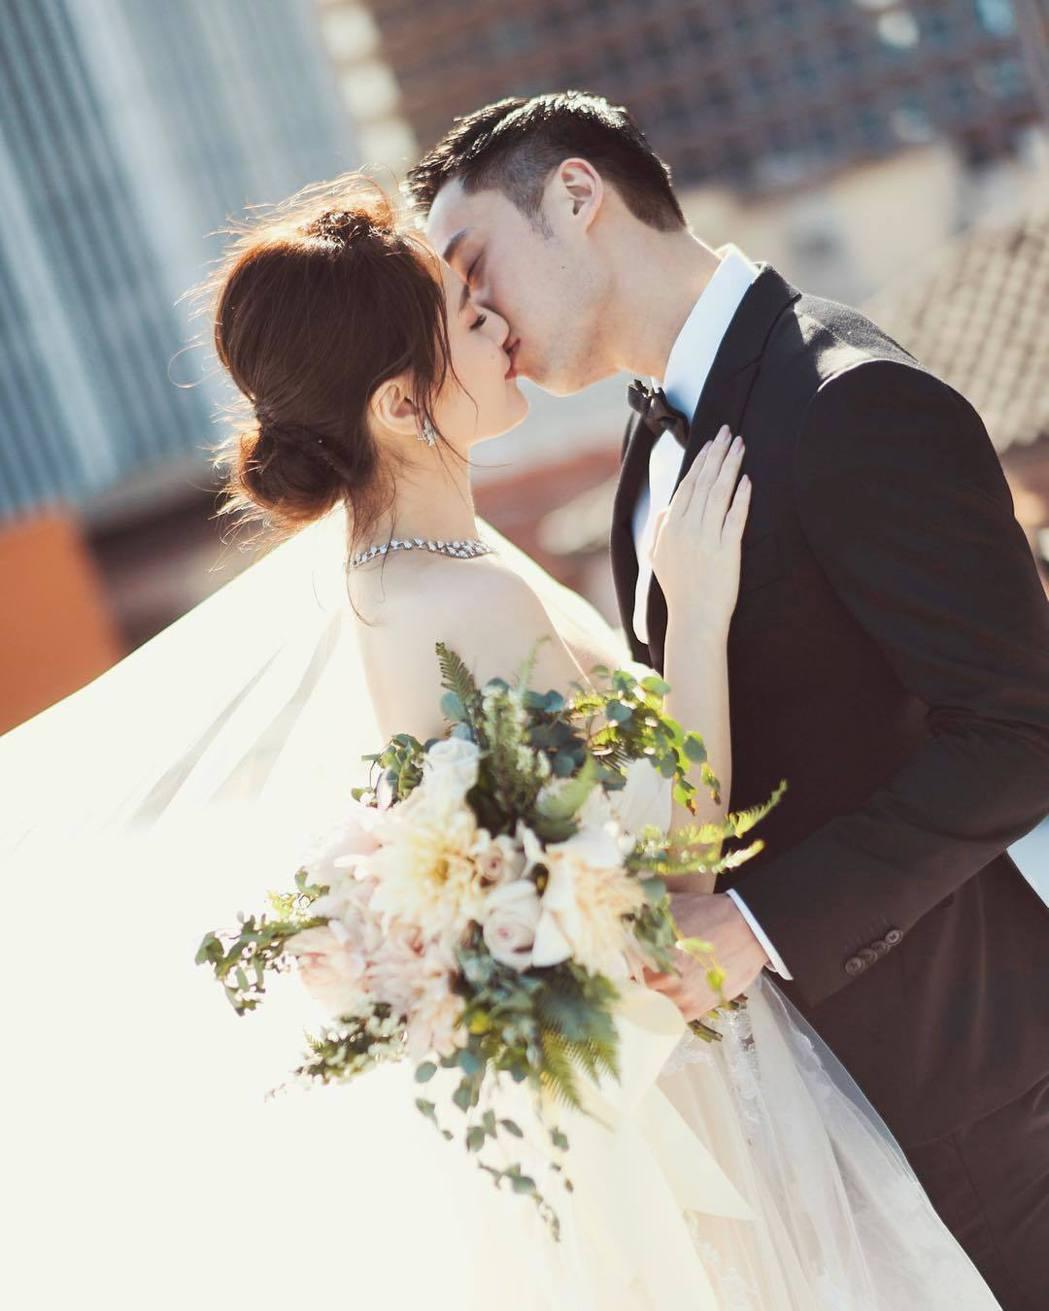 阿嬌(左)年初答應賴弘國的求婚。圖/摘自IG